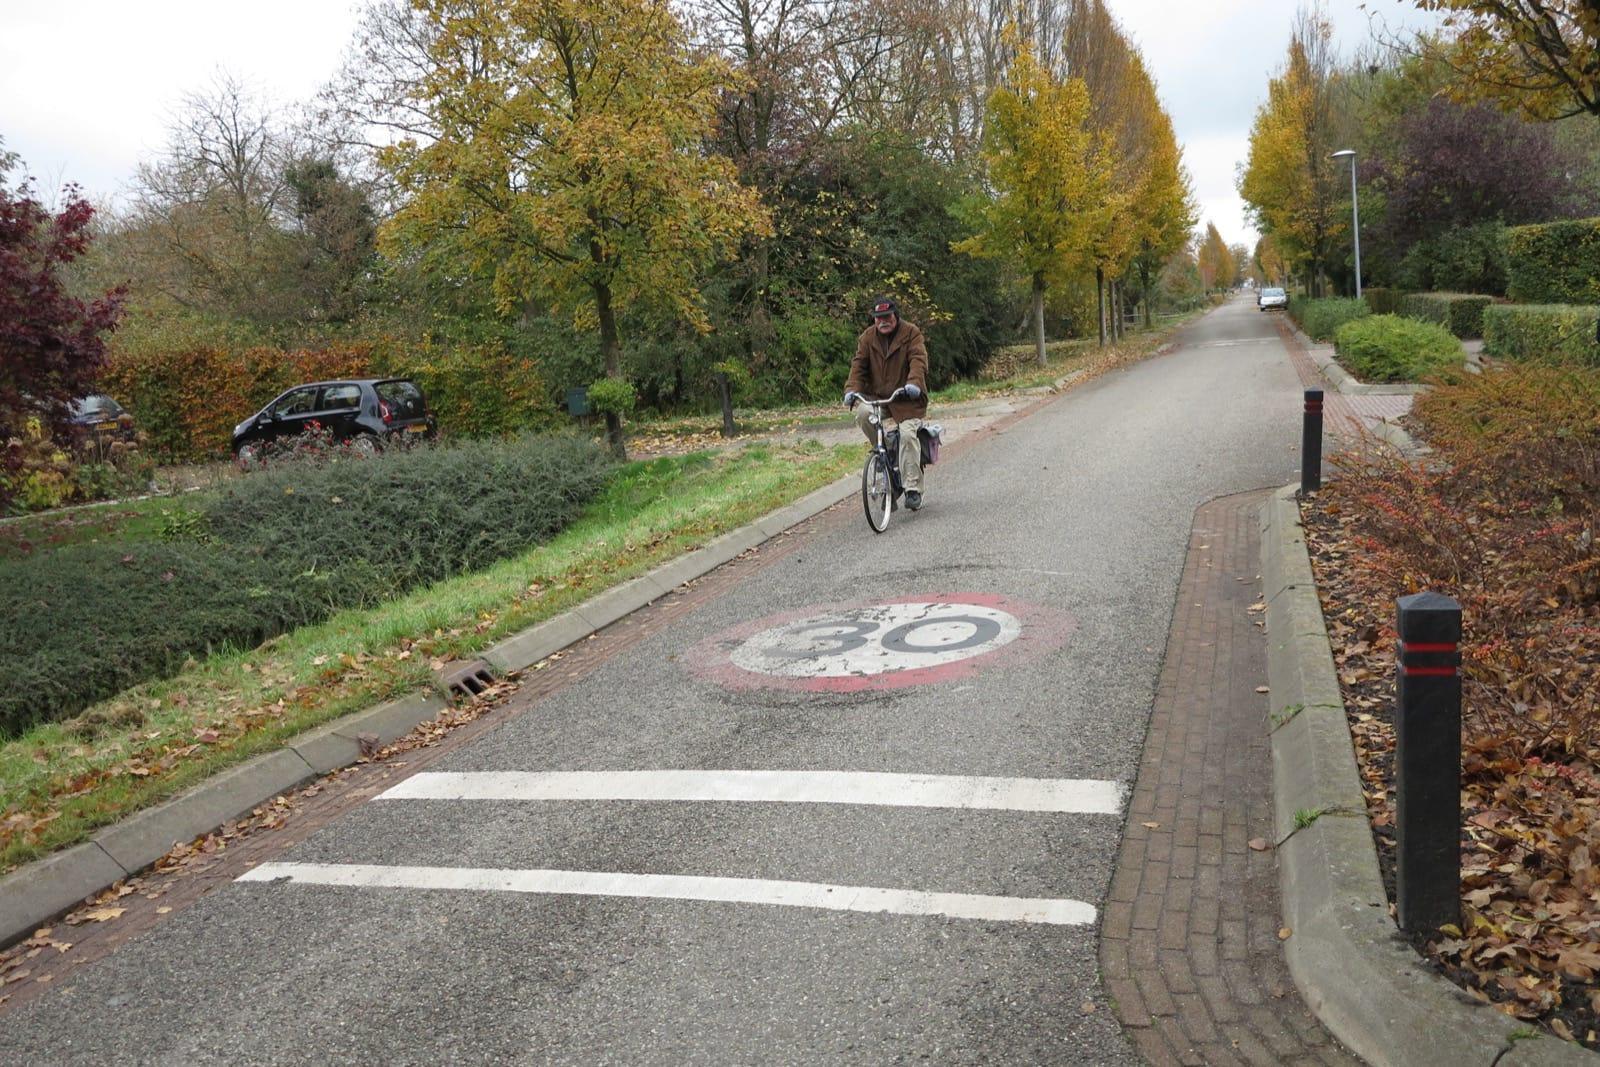 et-fiets-en-fietser-112-jacob-vd-woude-oi.jpg